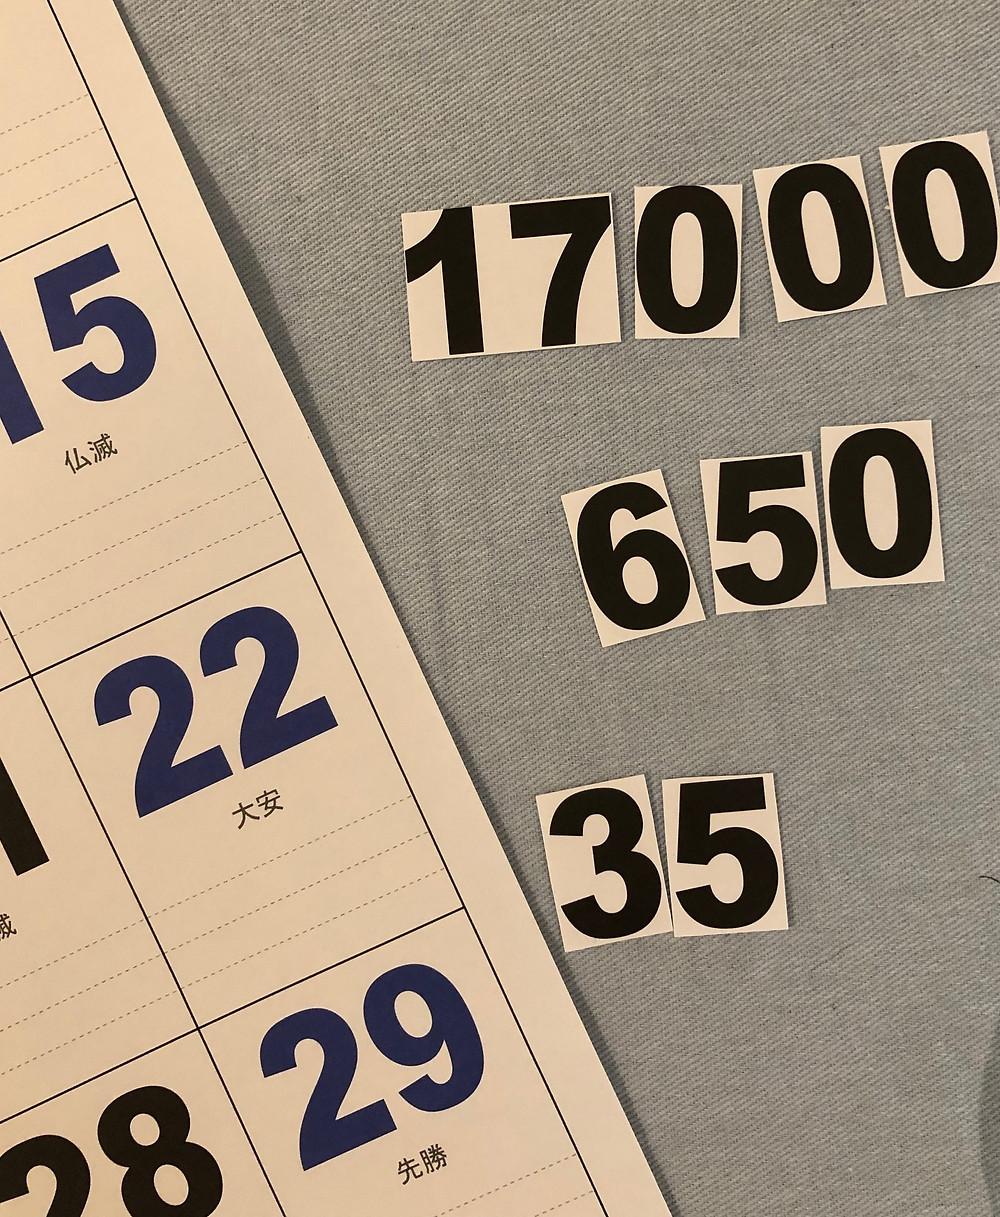 多摩市多摩センターの整体院身体均整堂からだやの数字